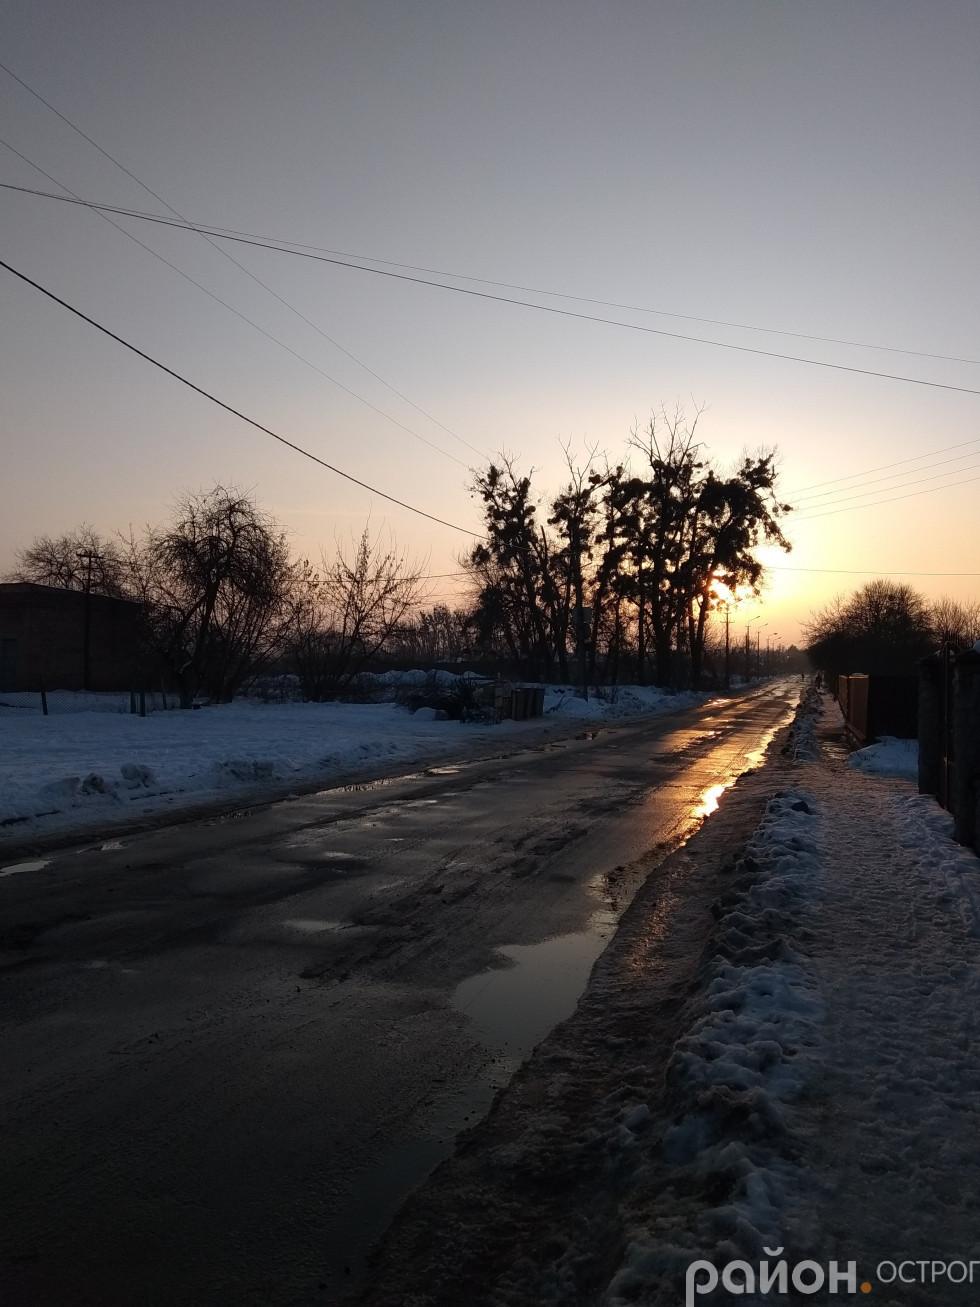 Вулиця Ціолковського під променями сонця більше схожа на річку